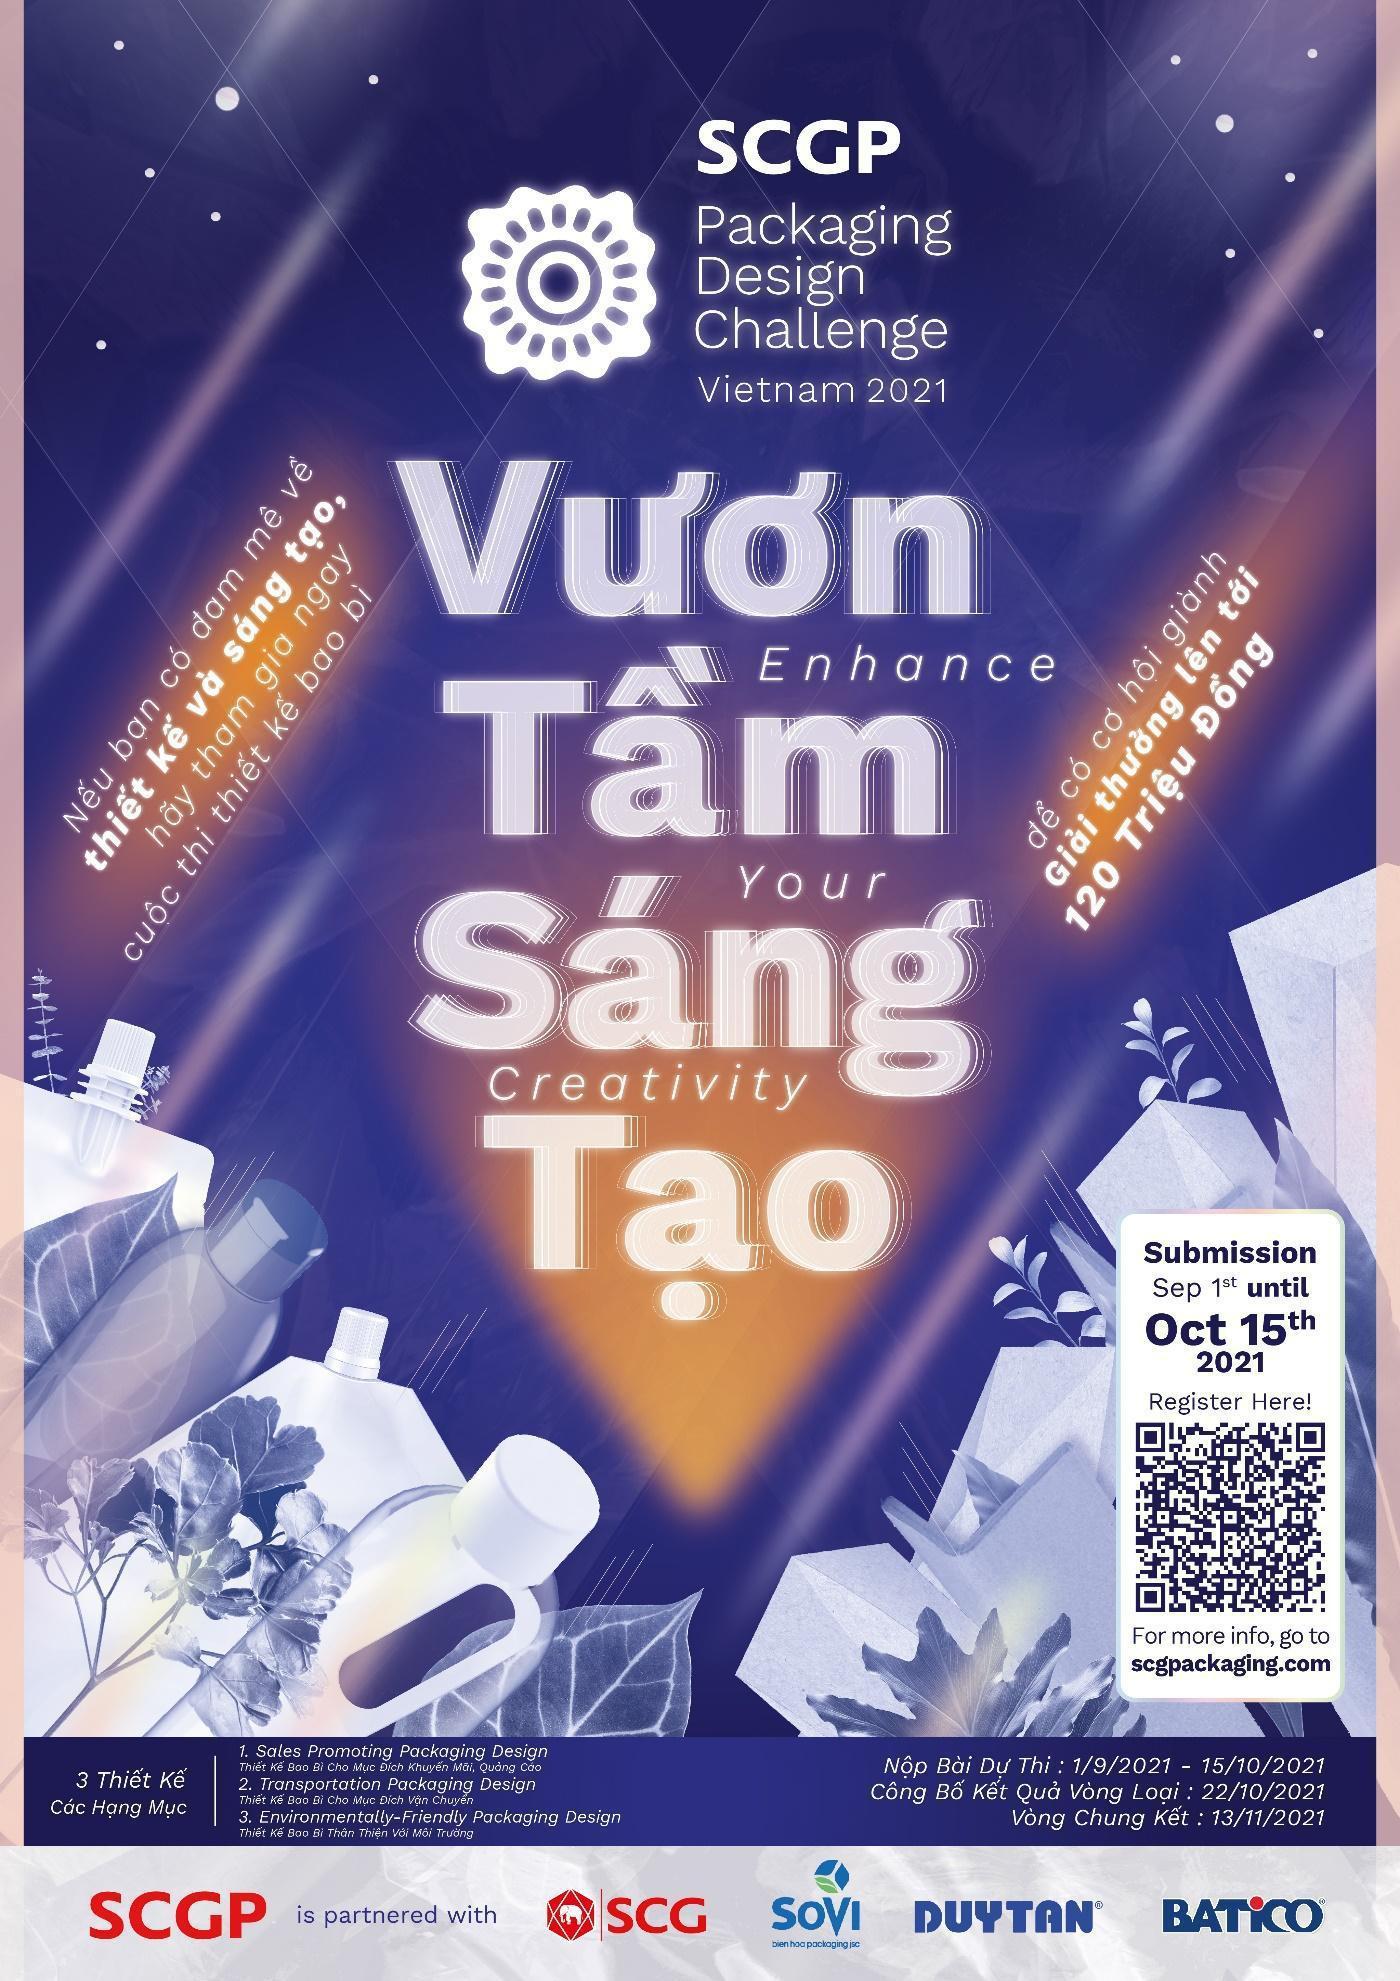 SCGP khởi động Cuộc thi thiết kế bao bì 2021 dành cho sinh viên các trường đại học tại Việt Nam - Ảnh 1.